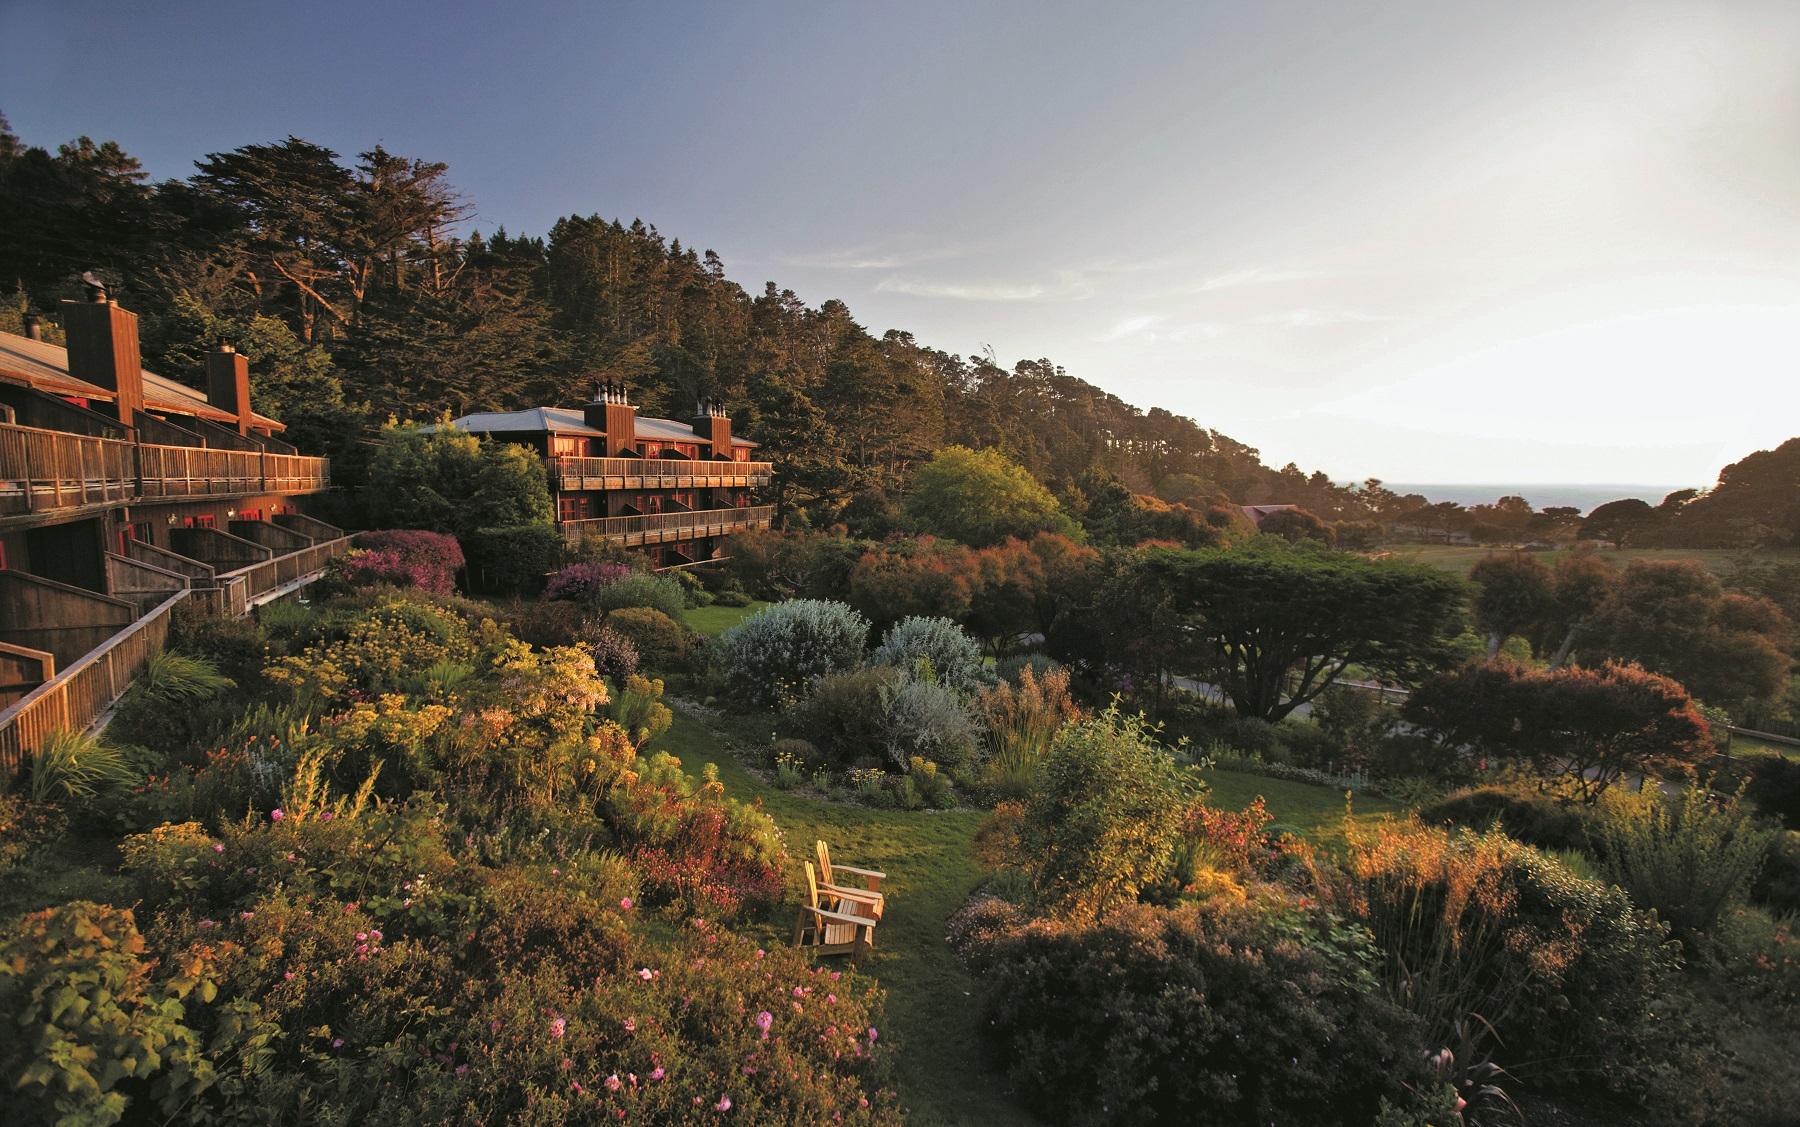 Sunset on Stanford Inn Resort